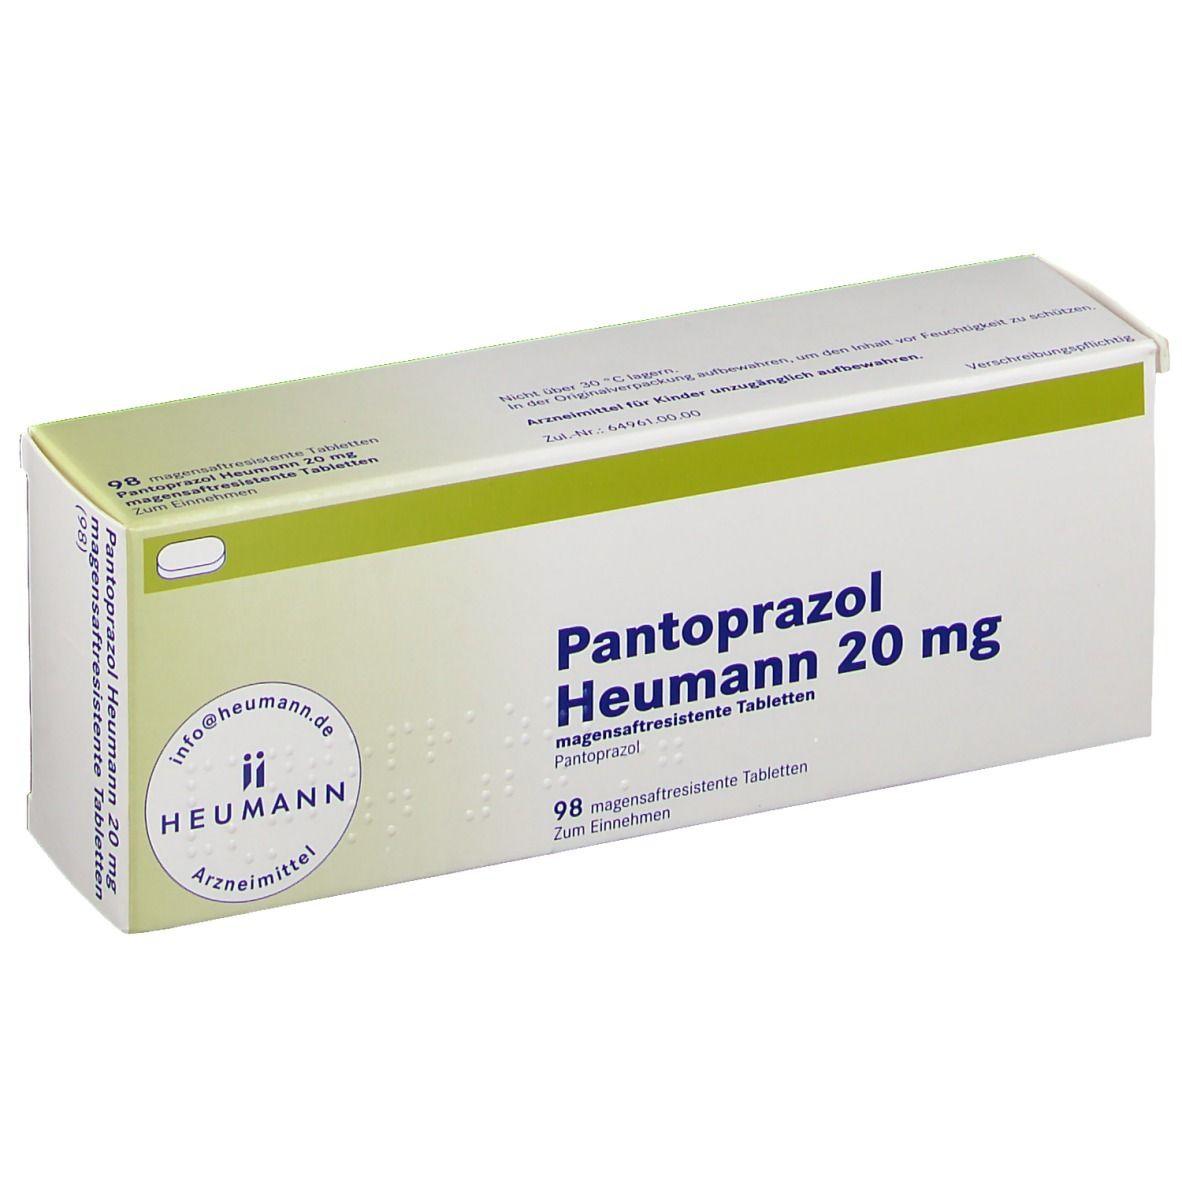 Ibuprofen pantoprazol zusammen und Wechselwirkungen bei